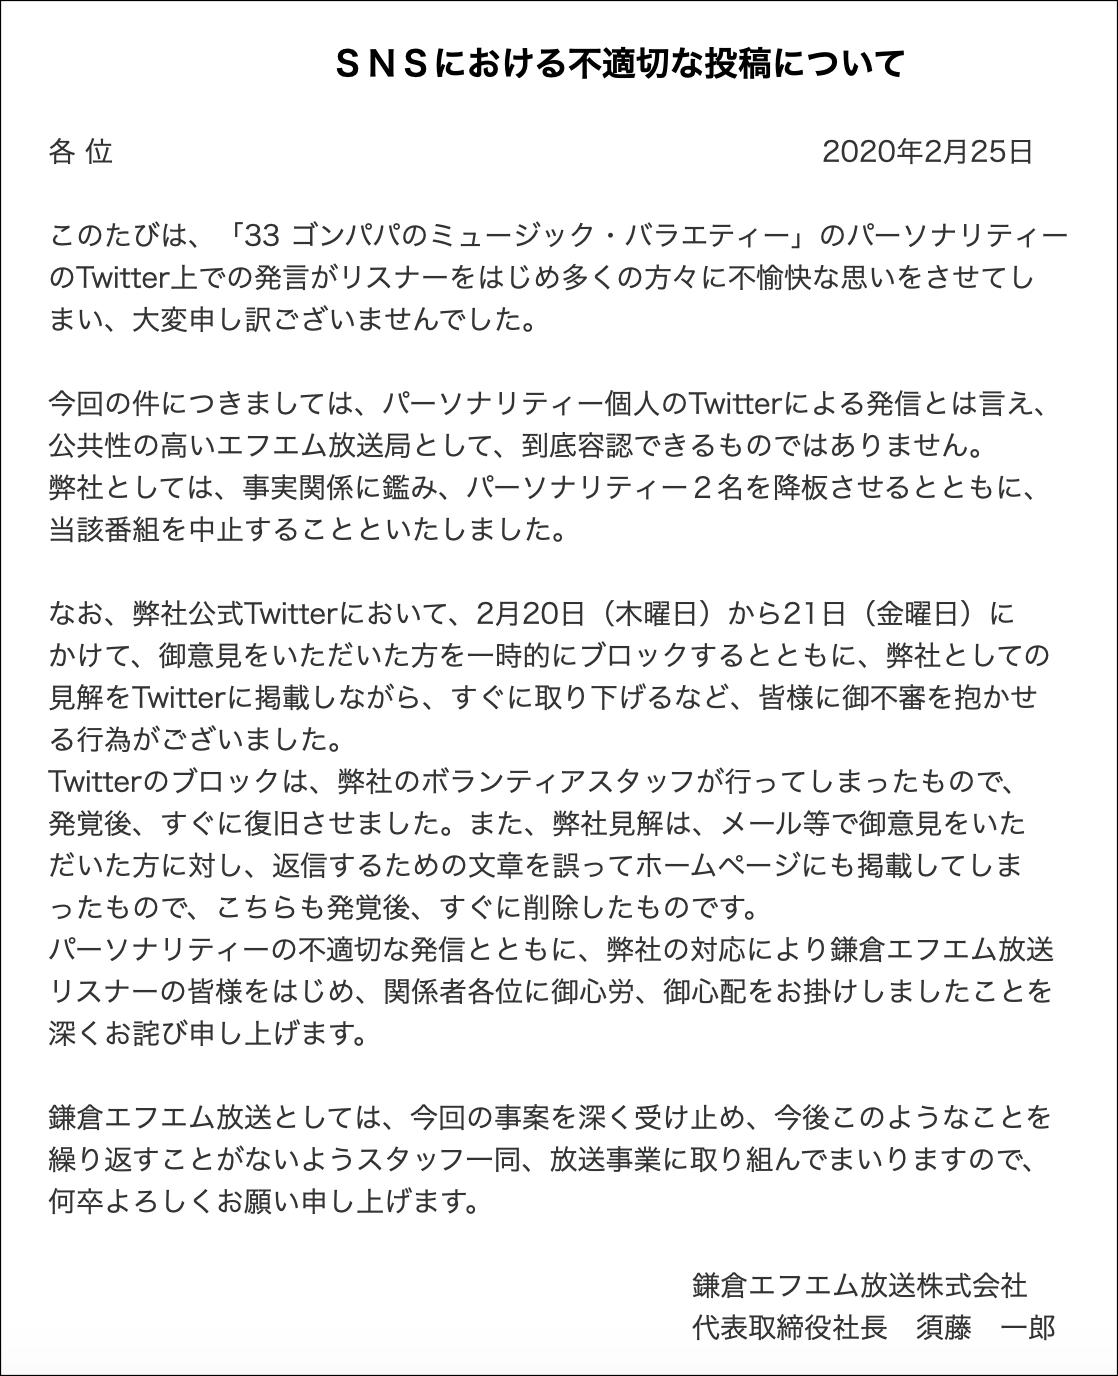 鎌倉エフエム羽生内容